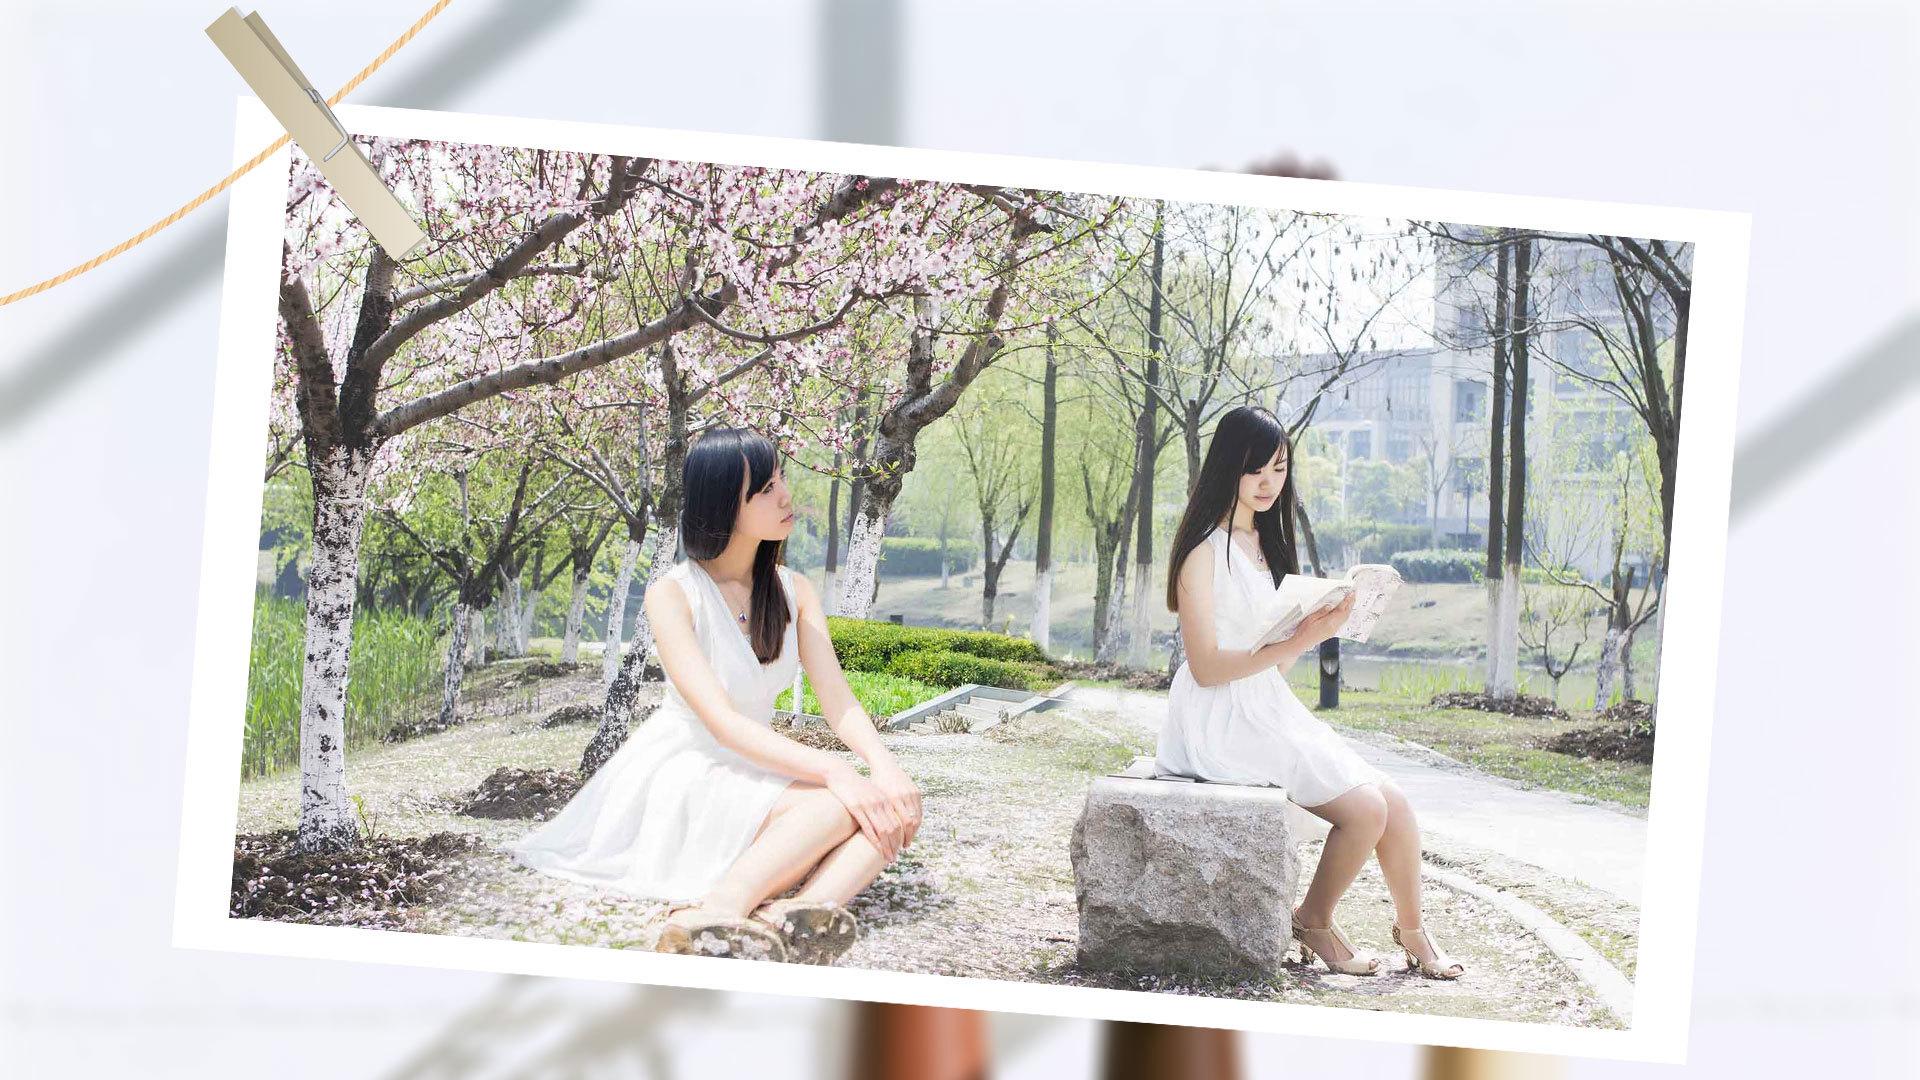 双胞胎相机截图(2)